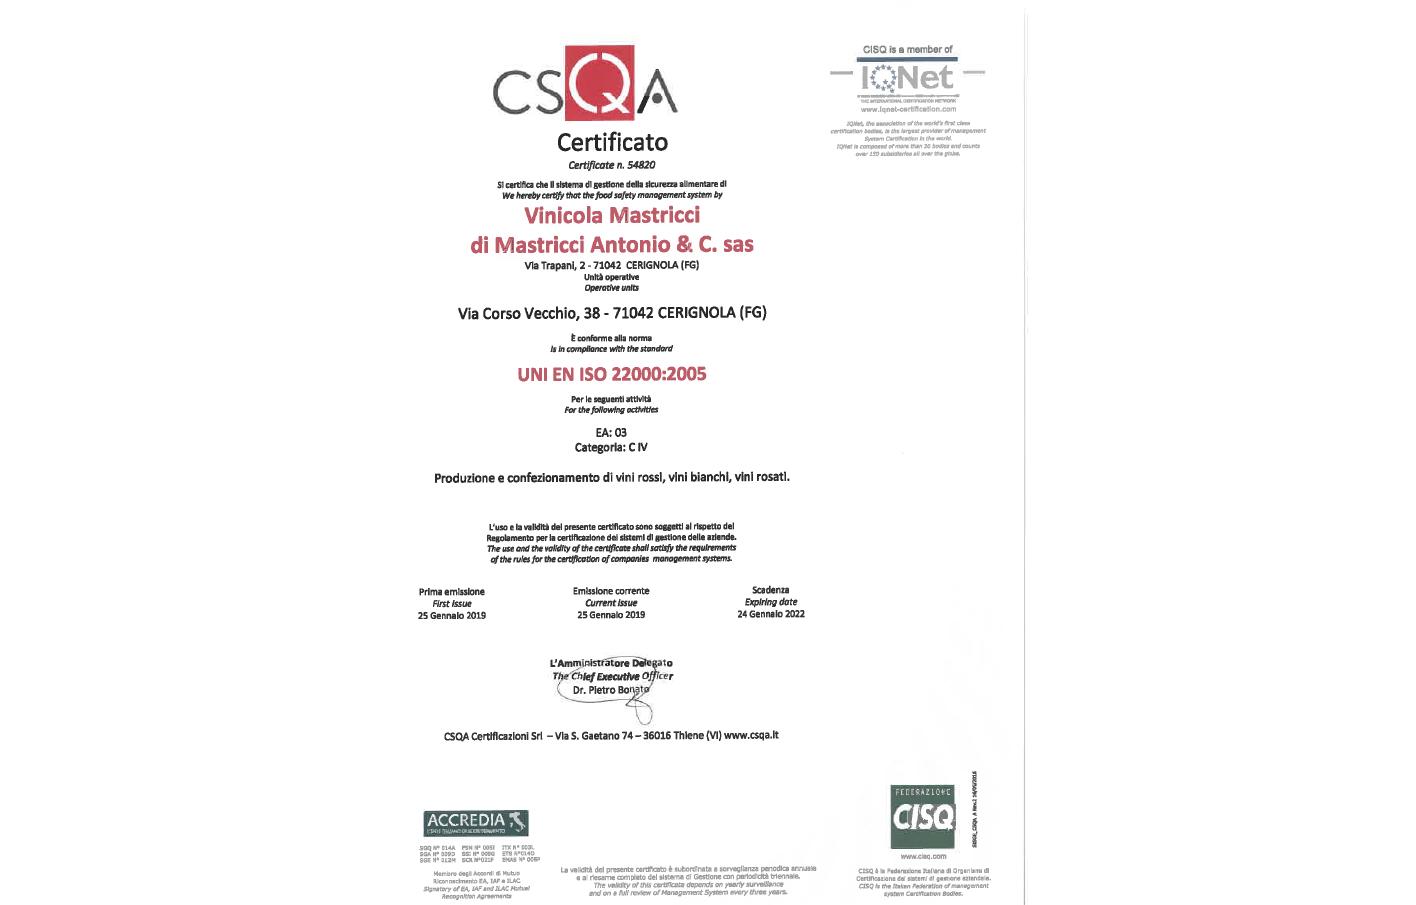 L'azienda Vinicola Mastricci Antonio certificata sulla sicurezza alimentare:                   UNI EN ISO 22000:2005